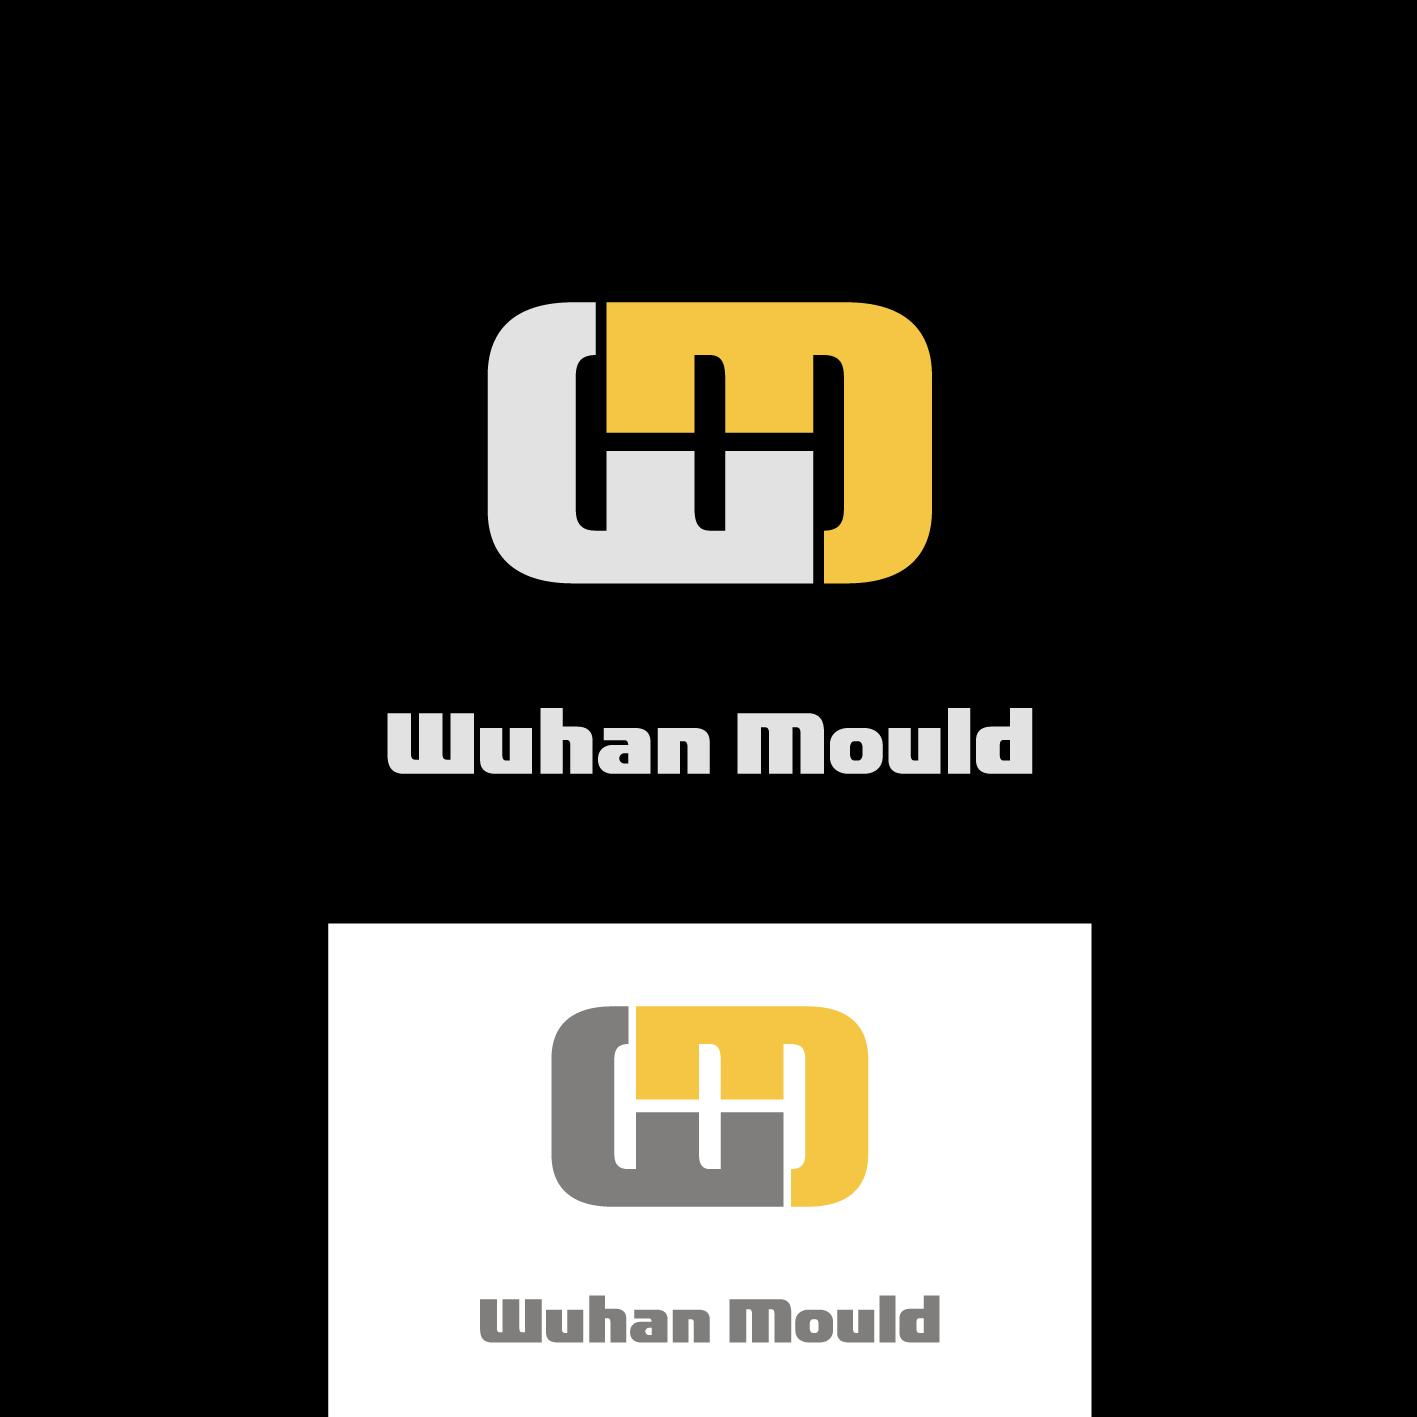 Создать логотип для фабрики пресс-форм фото f_815598c0e228e4c2.png